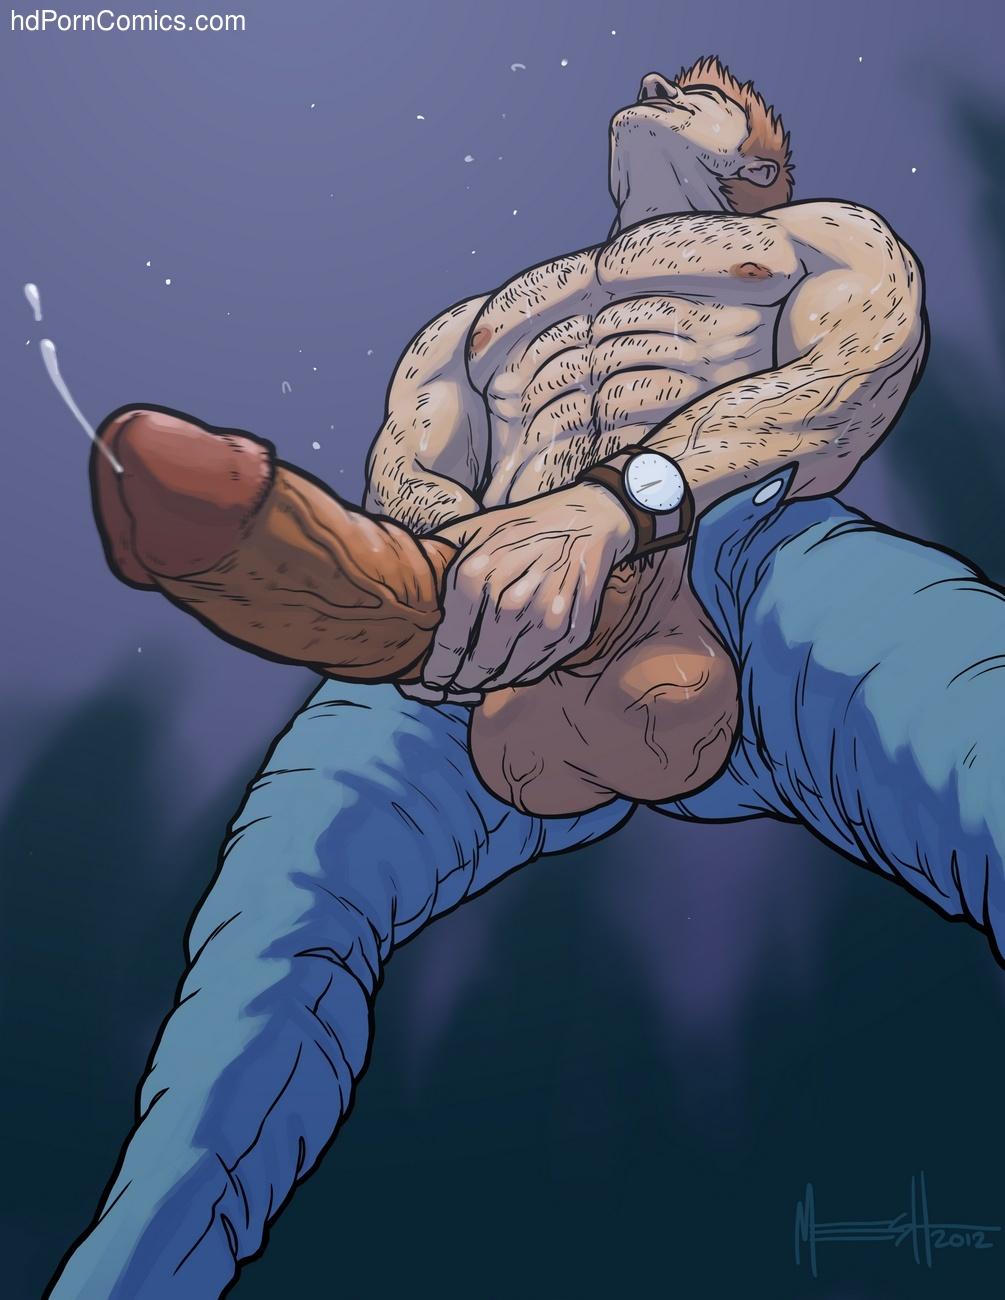 Gay horse transformation porn